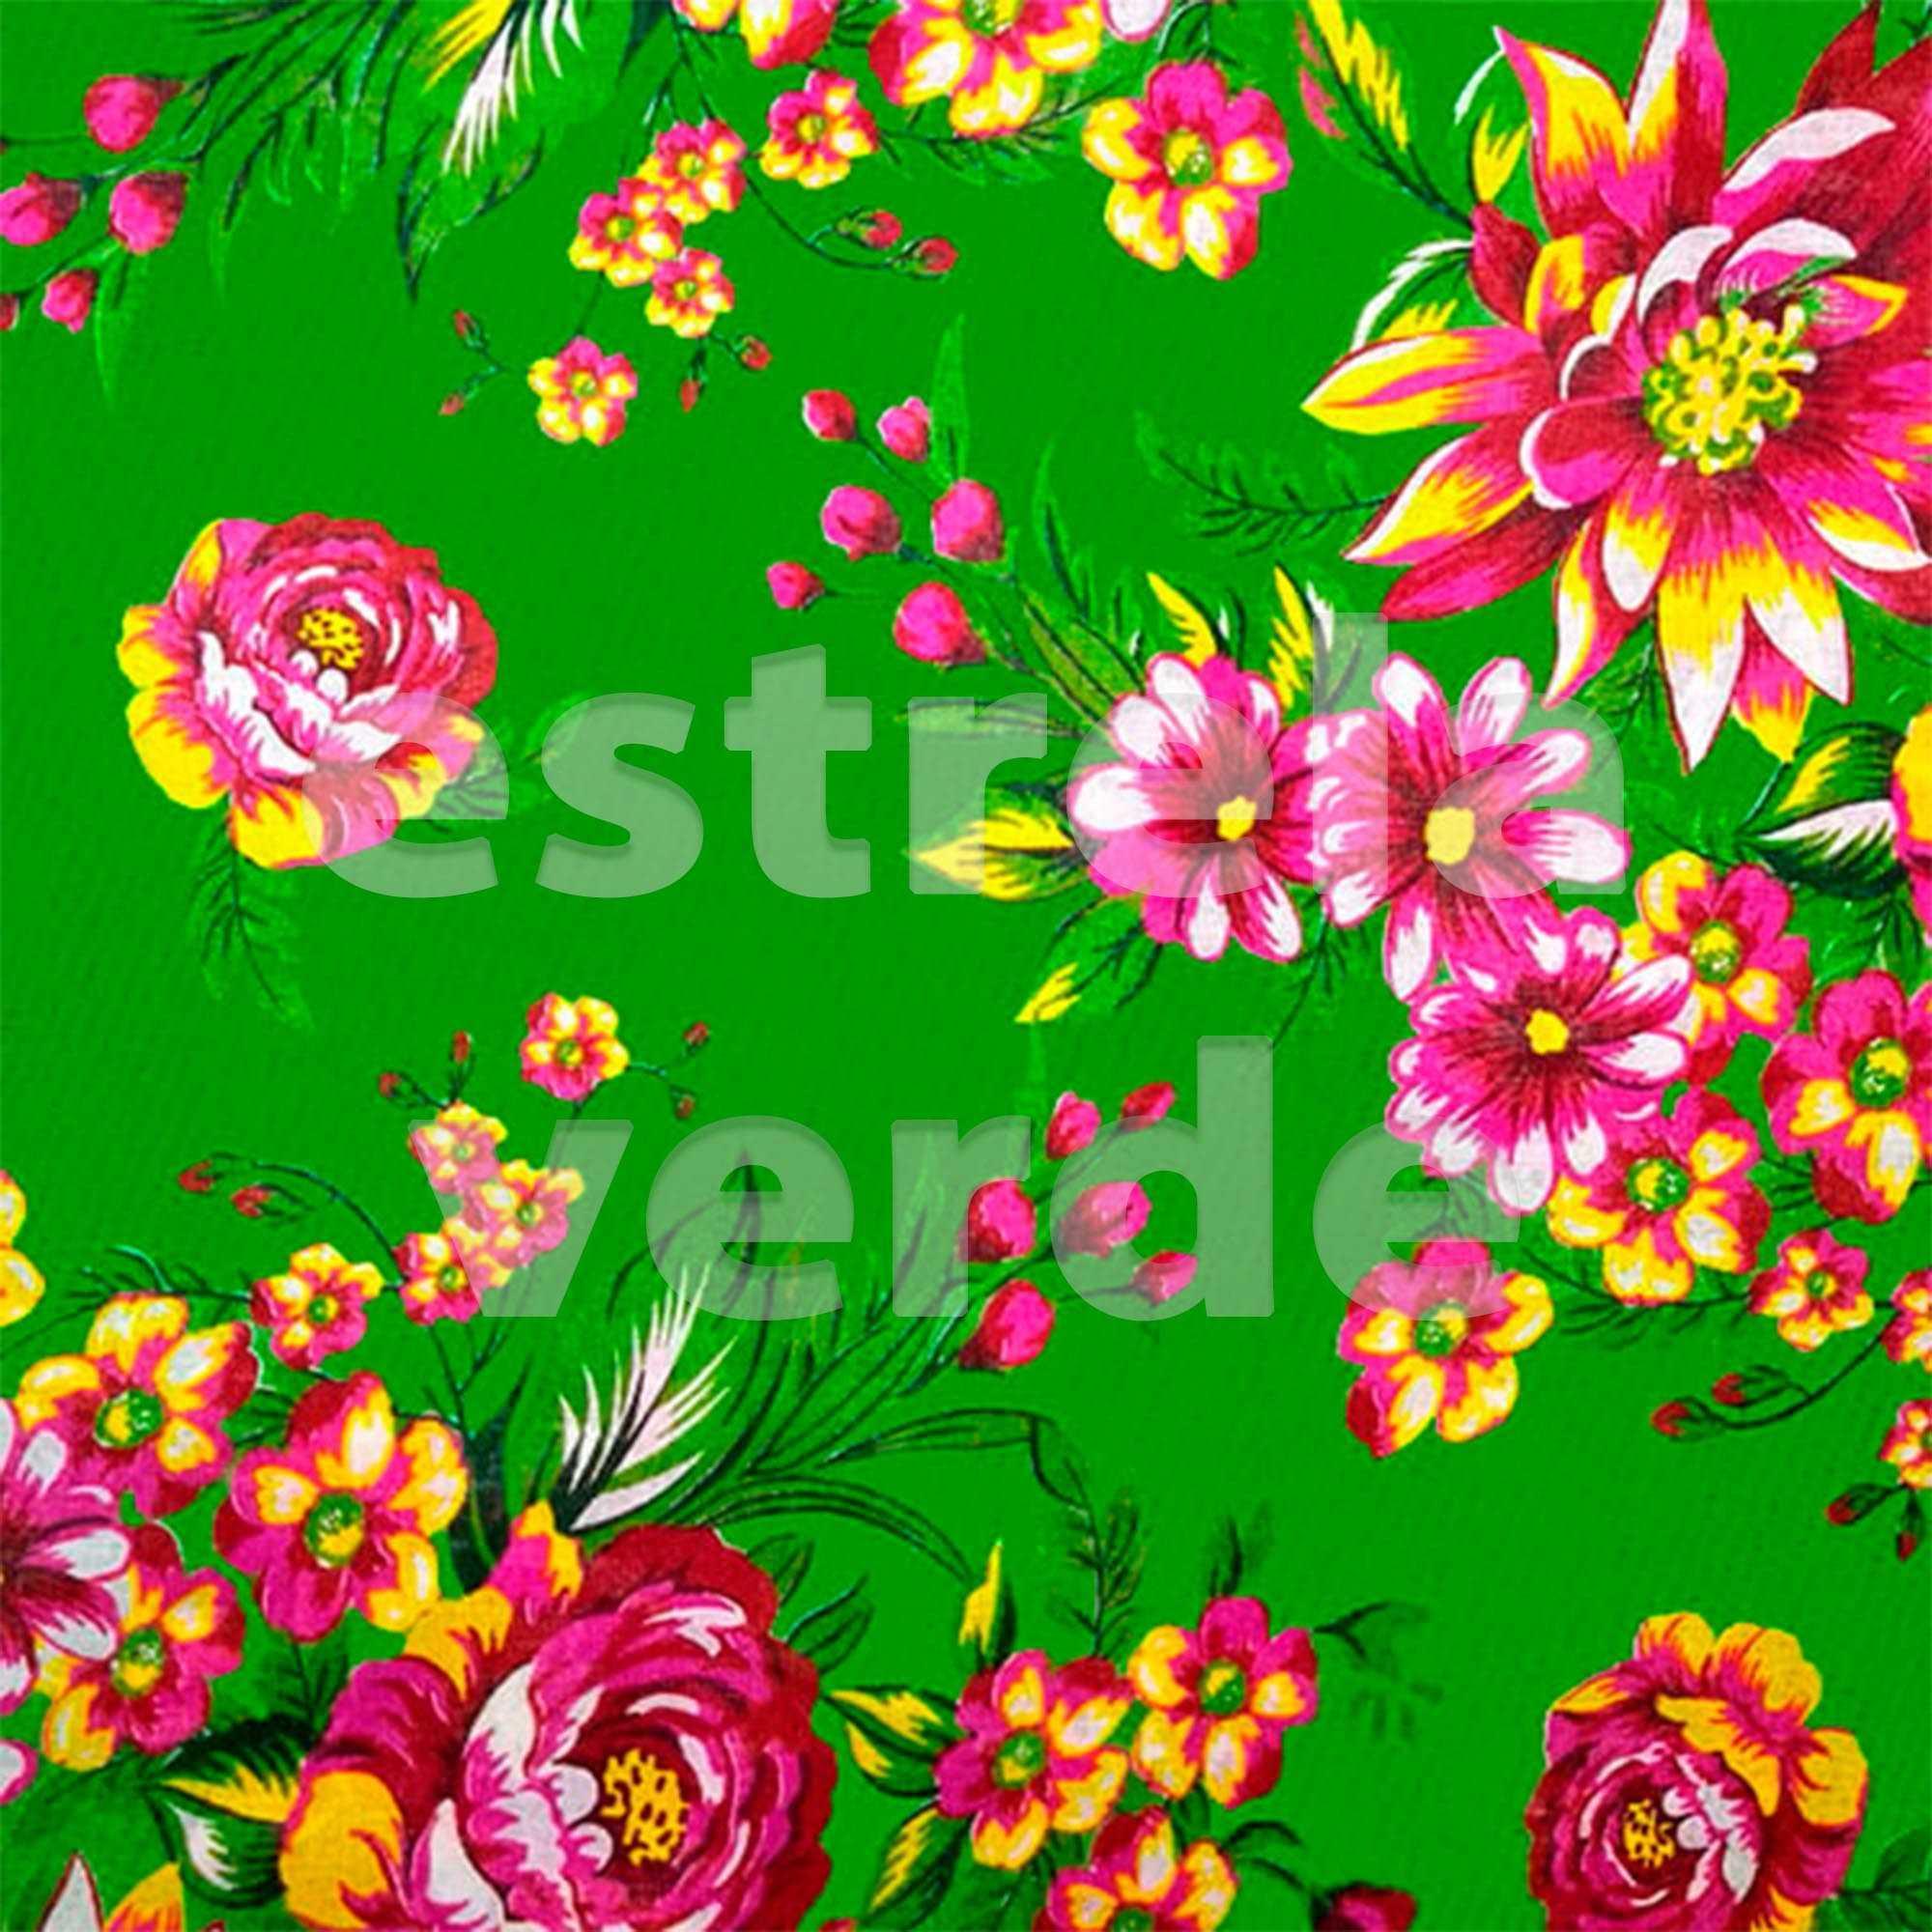 TECIDO CHITAO 2613/3 LILAS/VERDE 1,40 LARG  - Estrela Verde